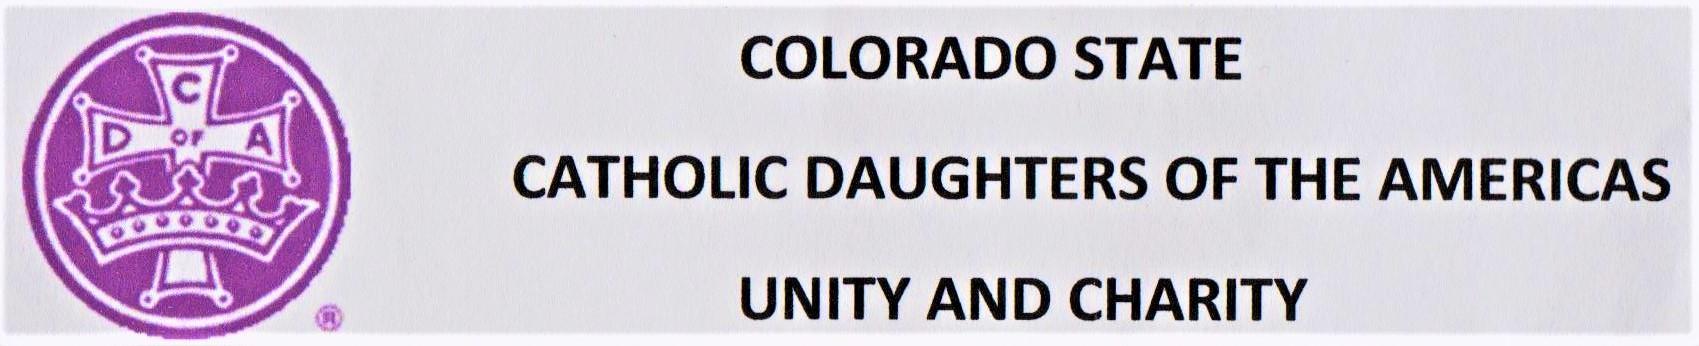 Colorado Catholic Daughters of the Americas